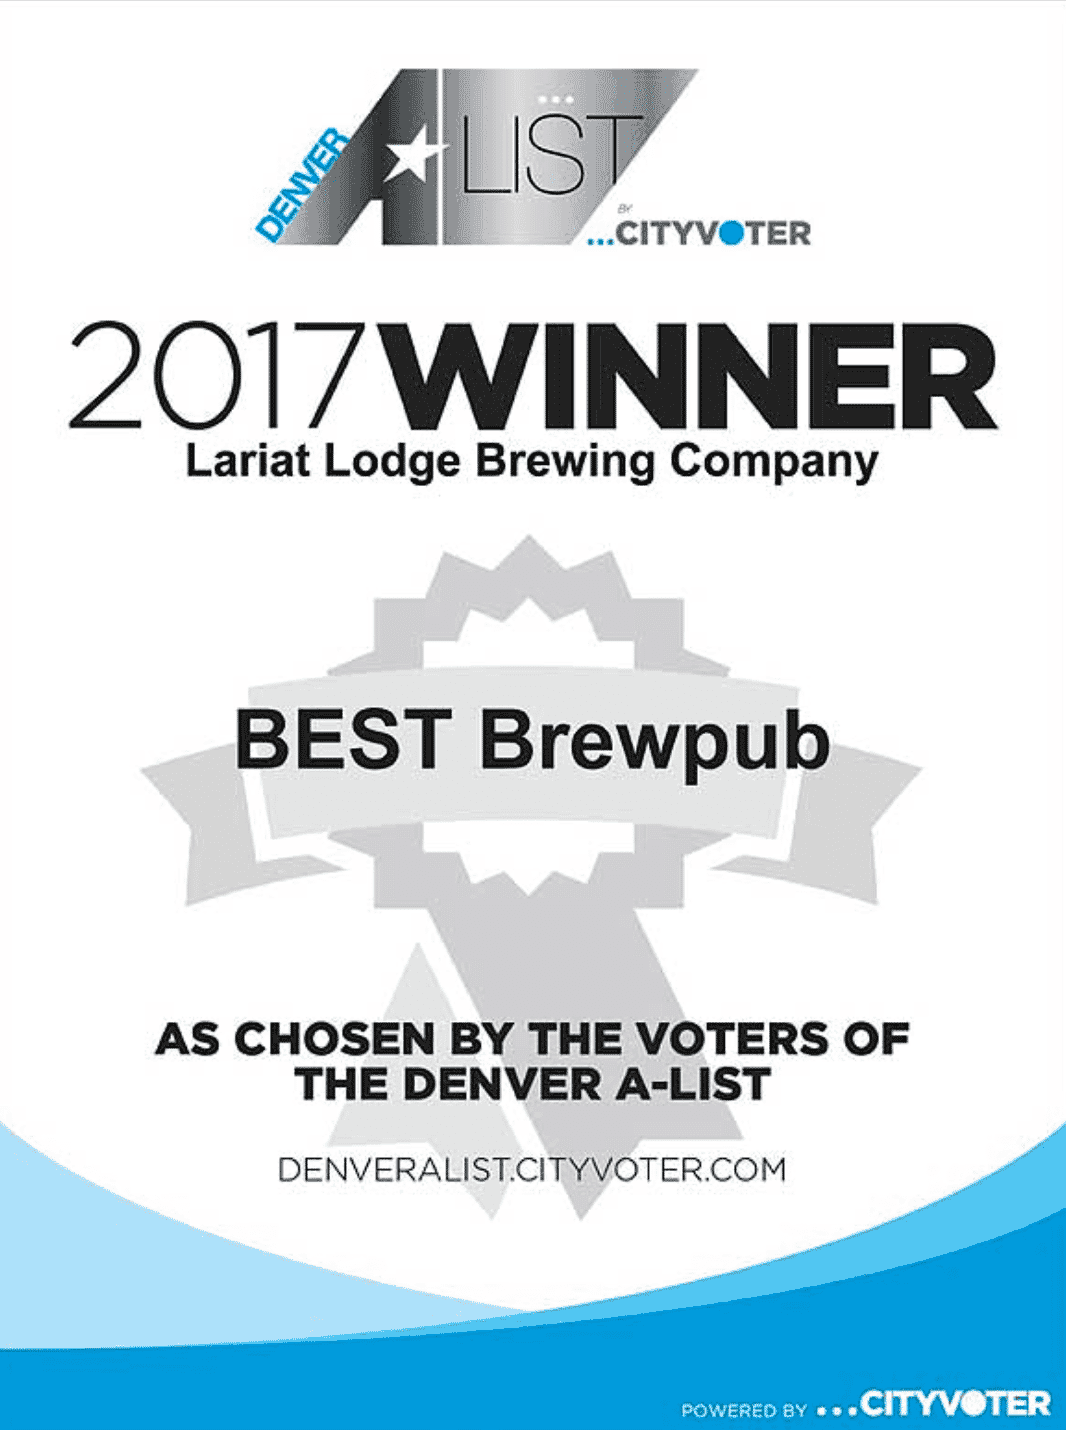 Best Brewpub Winner